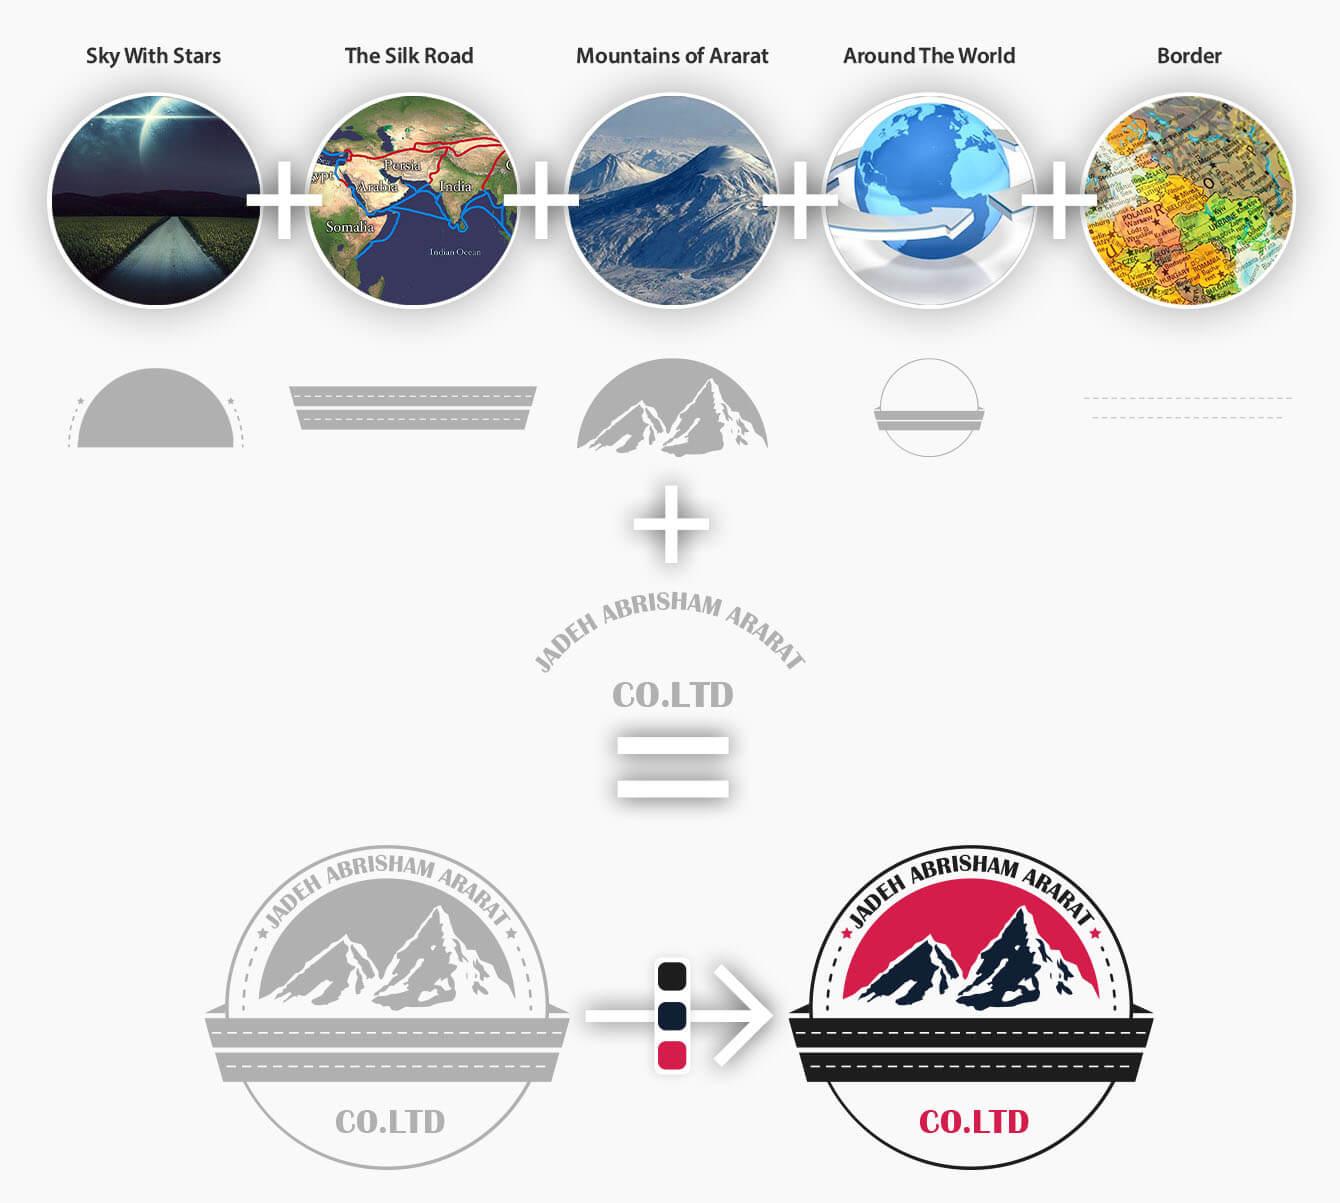 روند طراحی لوگو و ایده پردازی جاده ابریشم آرارات